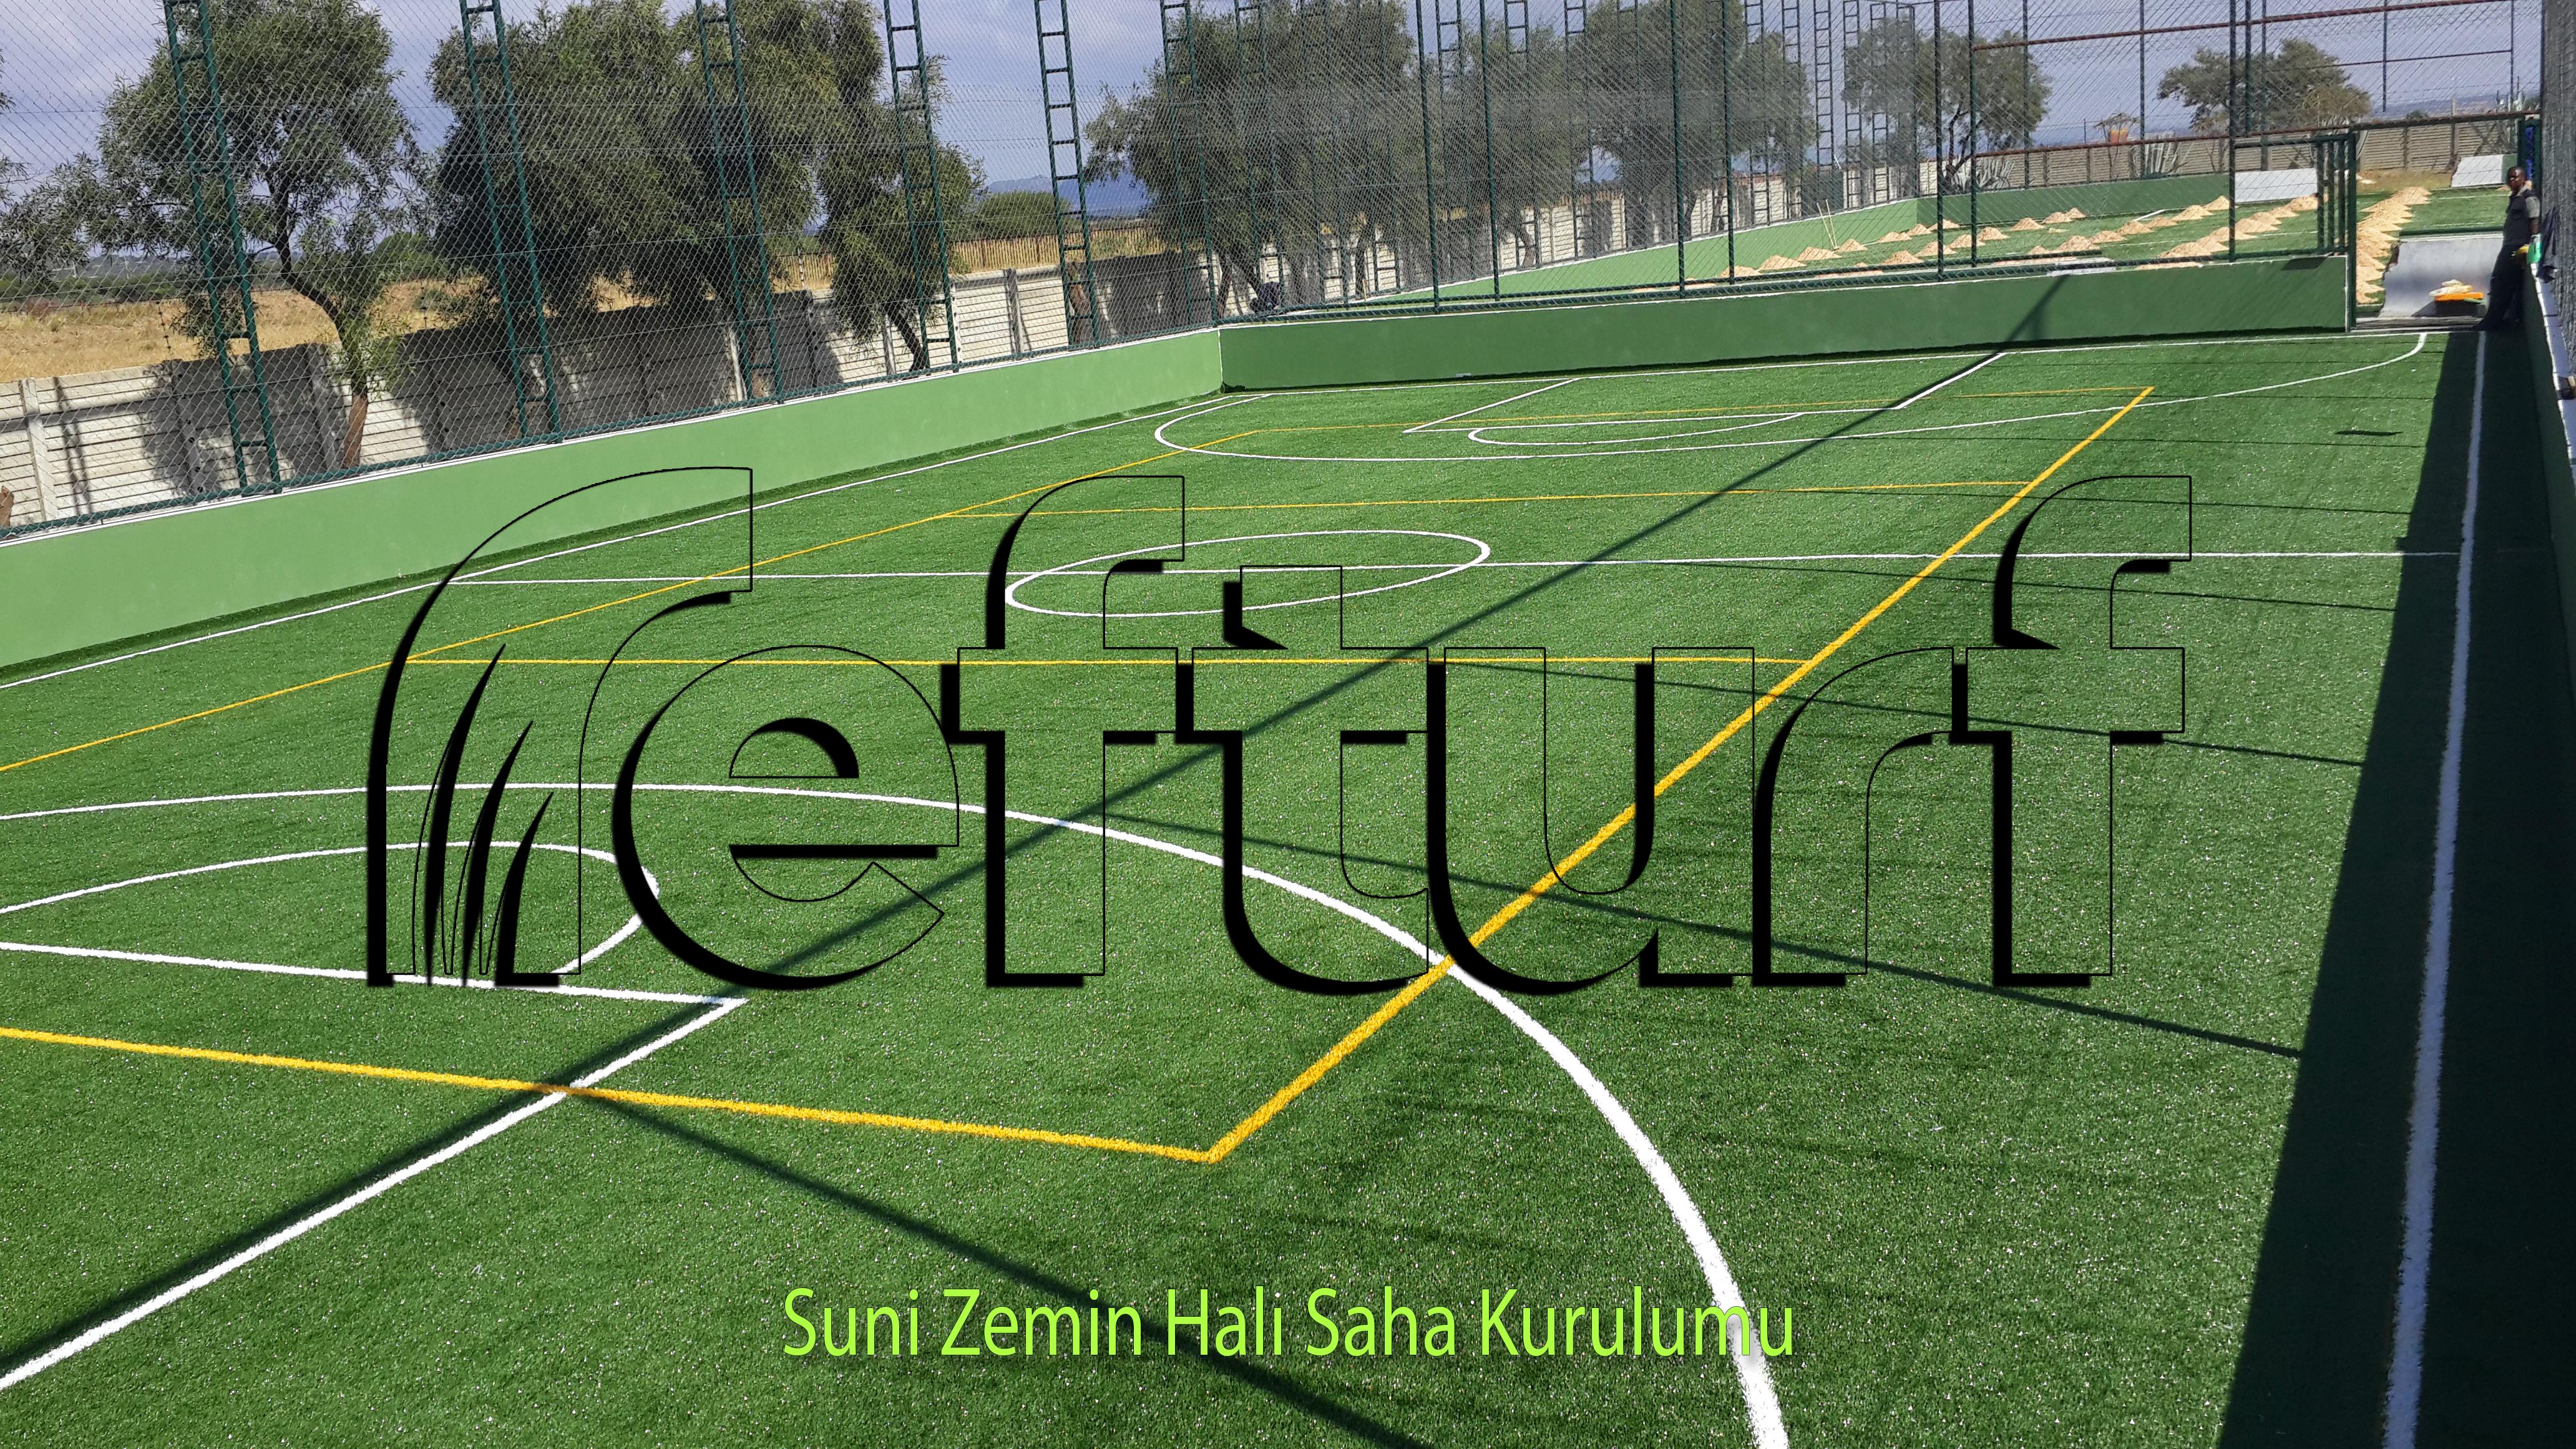 mini saha, mini futbol sahası, ufak halı saha, minyatür saha,